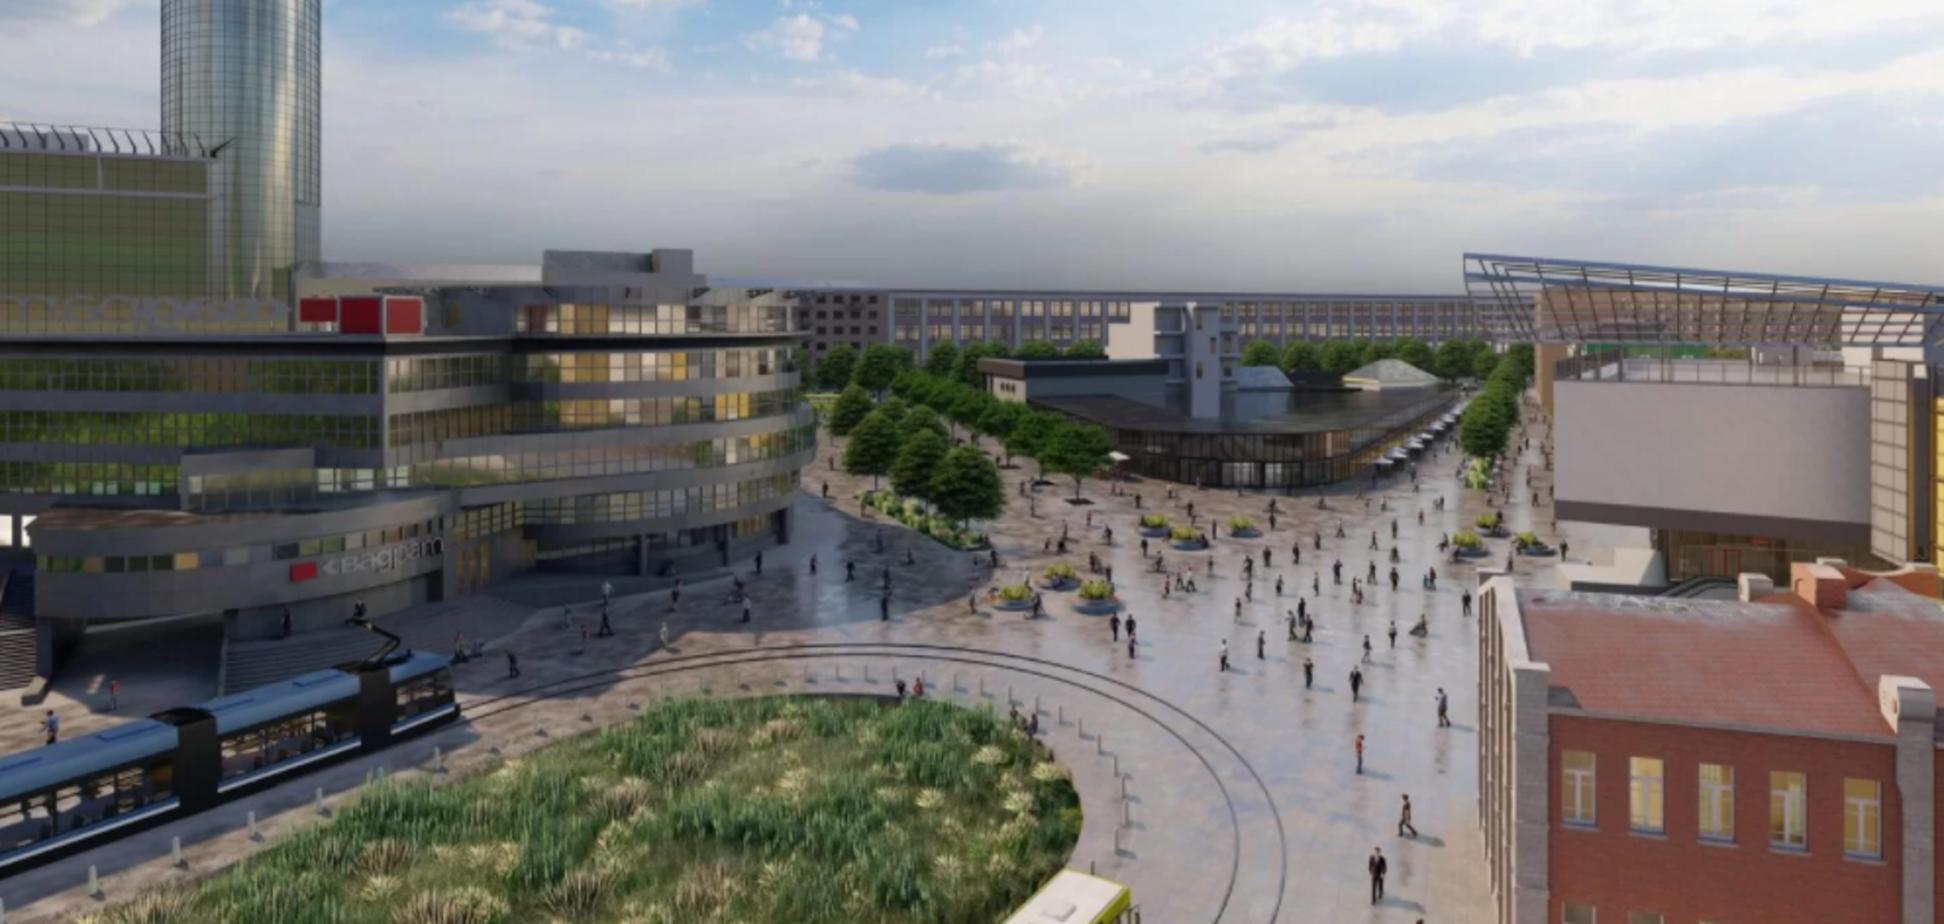 Лук'янівська площа в Києві може змінитися до невпізнання: проєкт оновлення придумали студенти. Фото